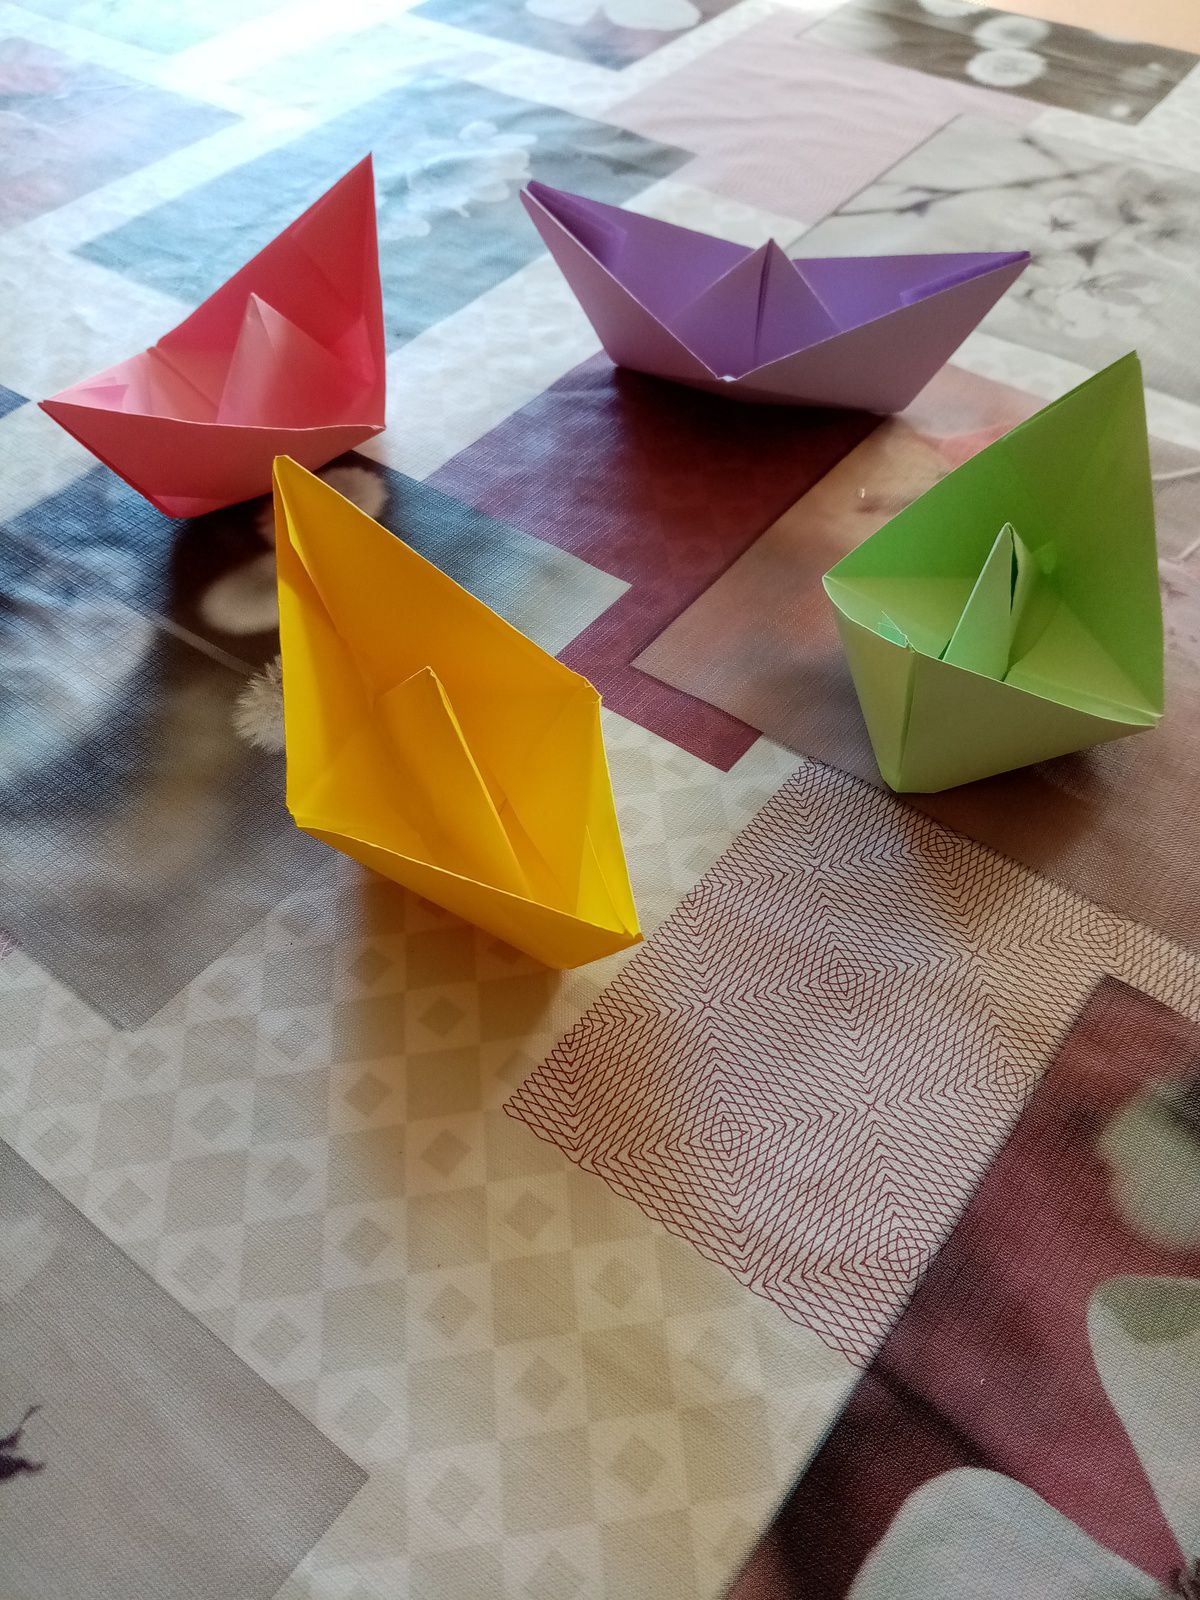 Les bateaux en origami d'Eloïse et Léonie.